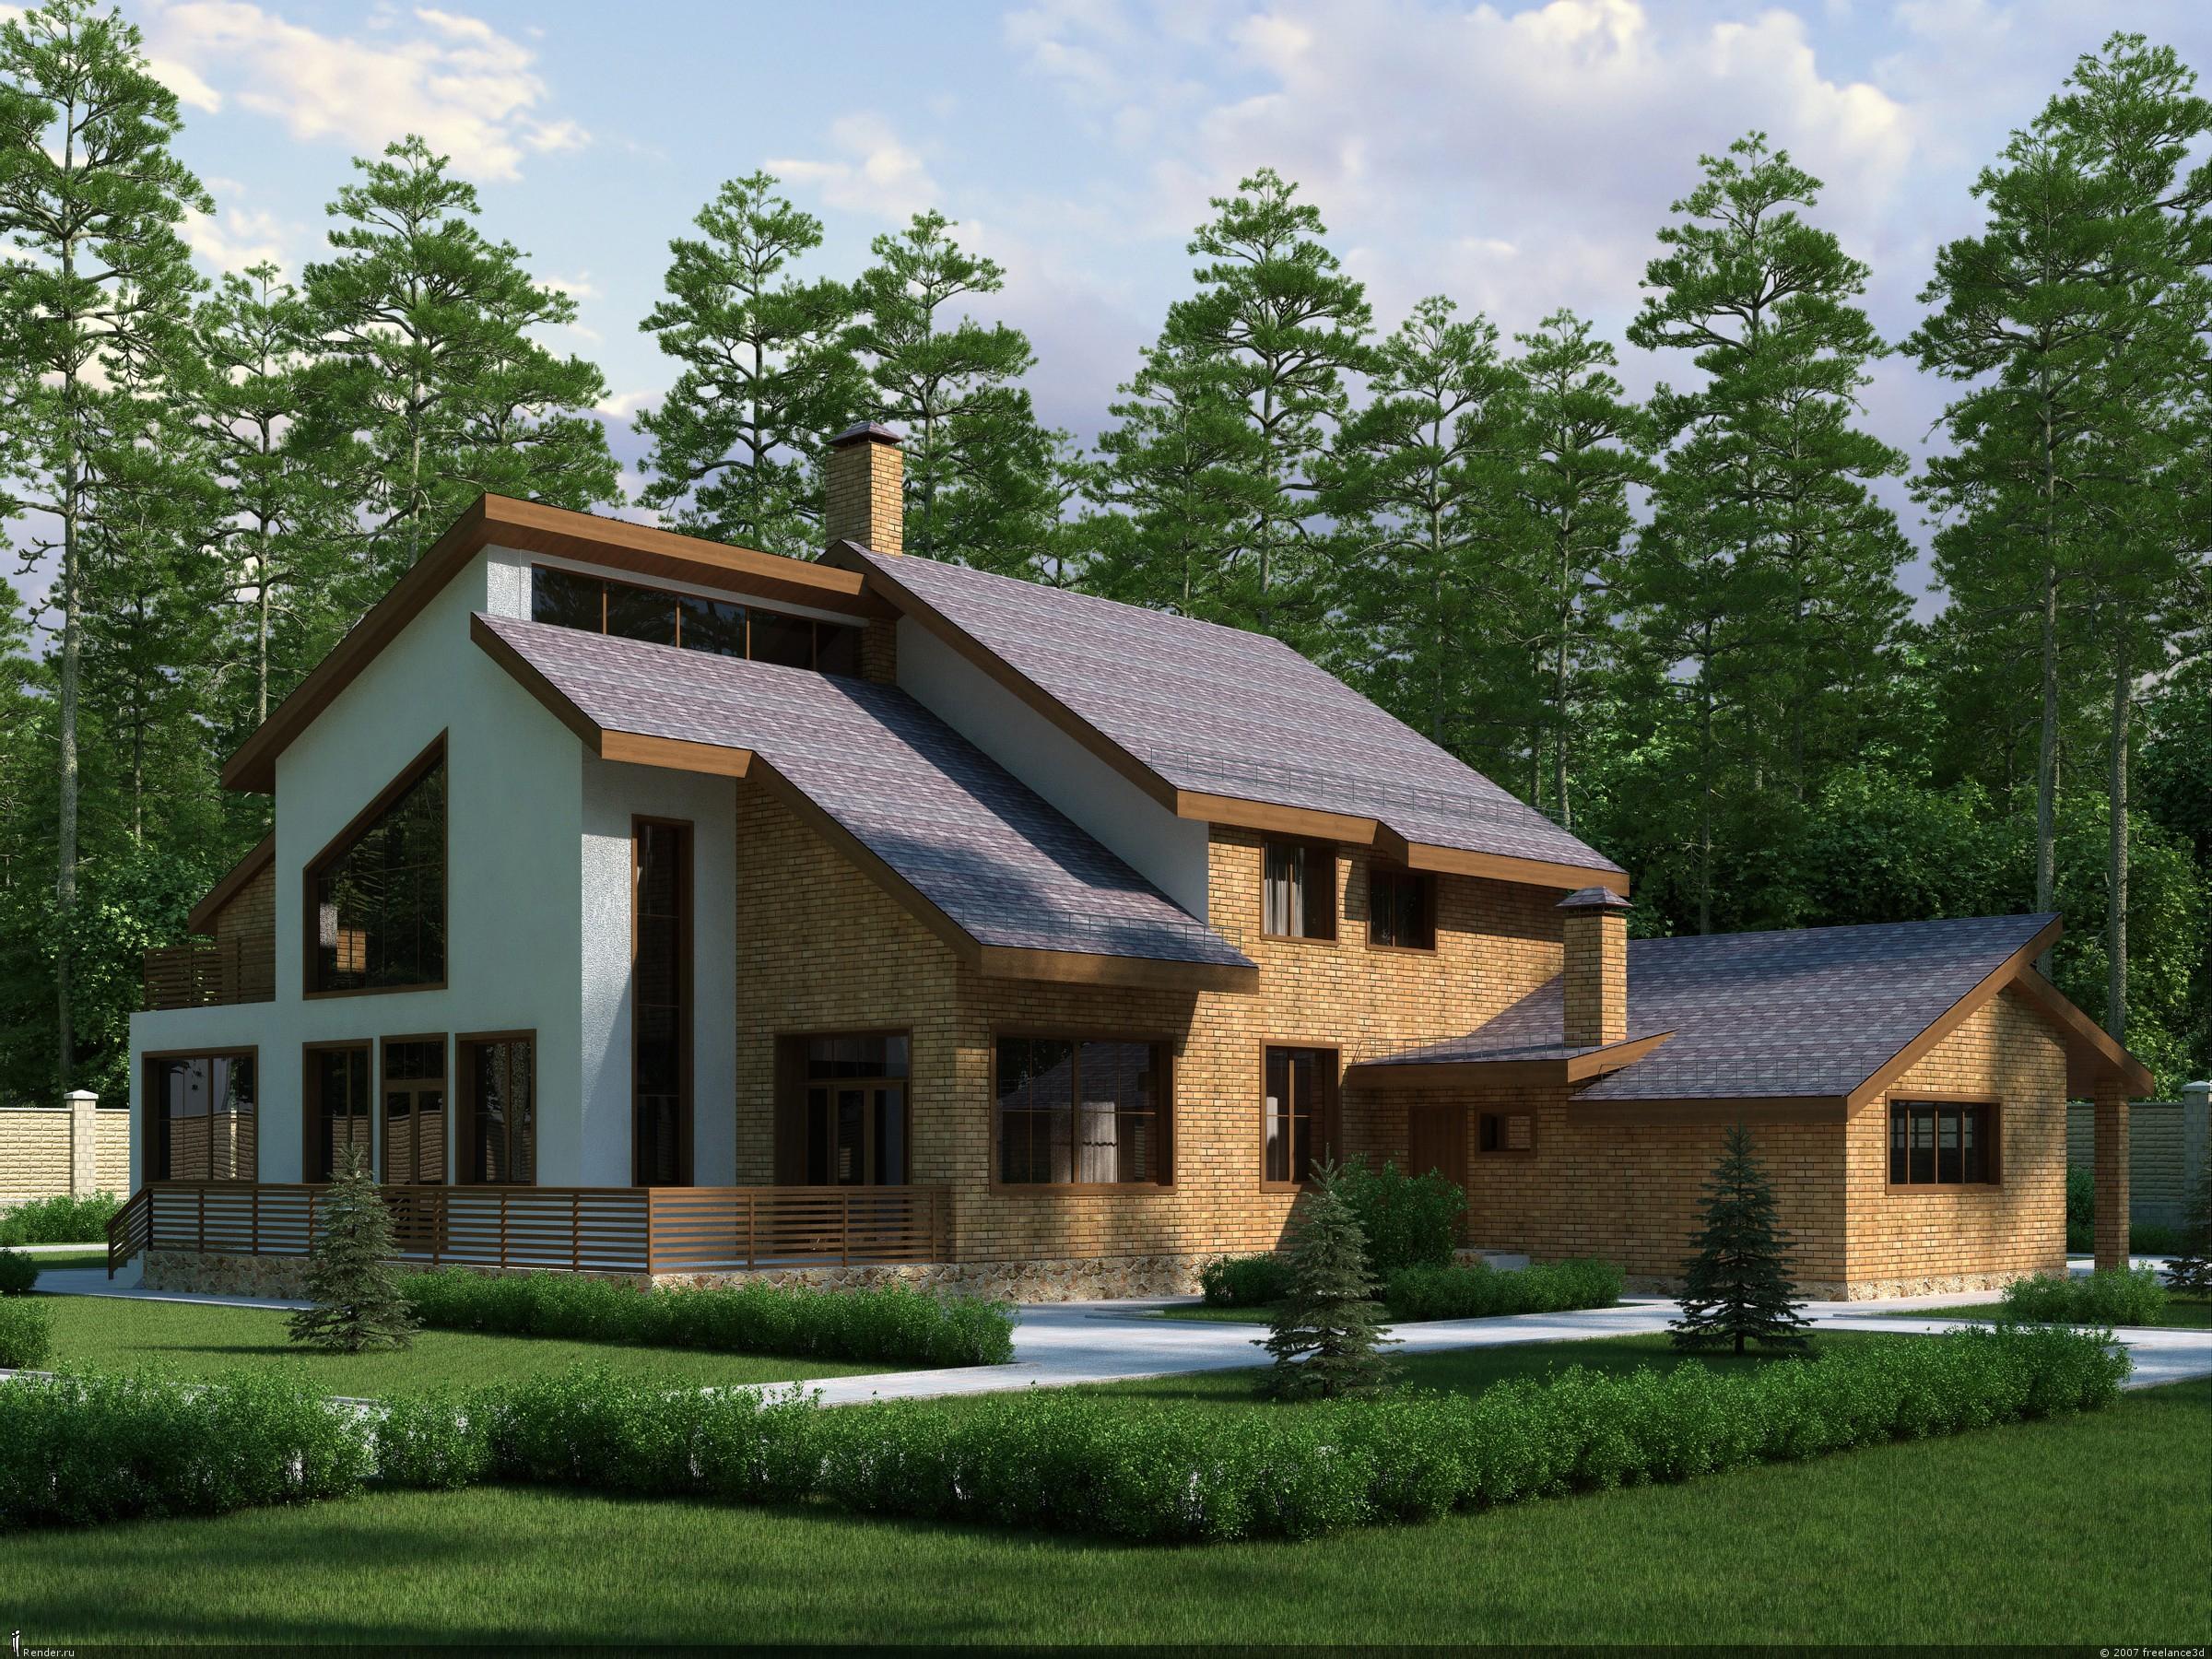 Casas dise adas en 3d for Casa moderna imagen